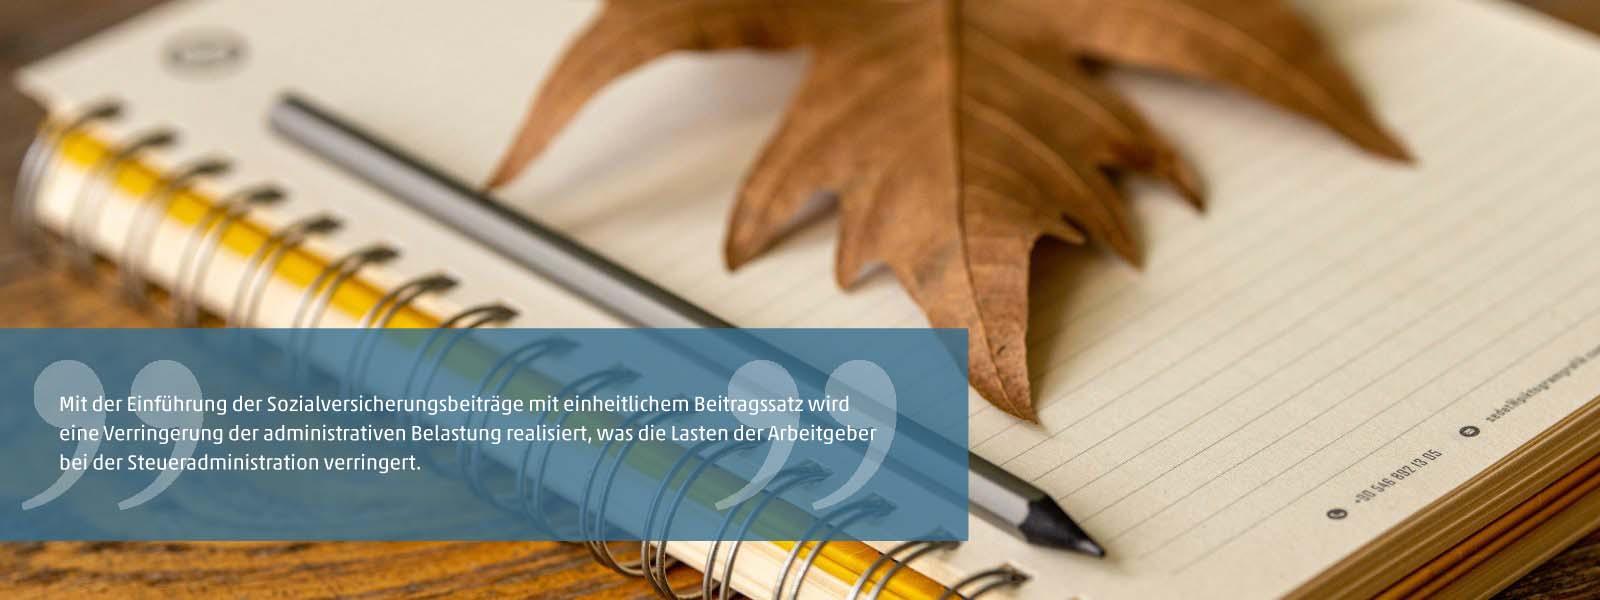 Steueränderungspaket vom Herbst 2019 in Ungarn